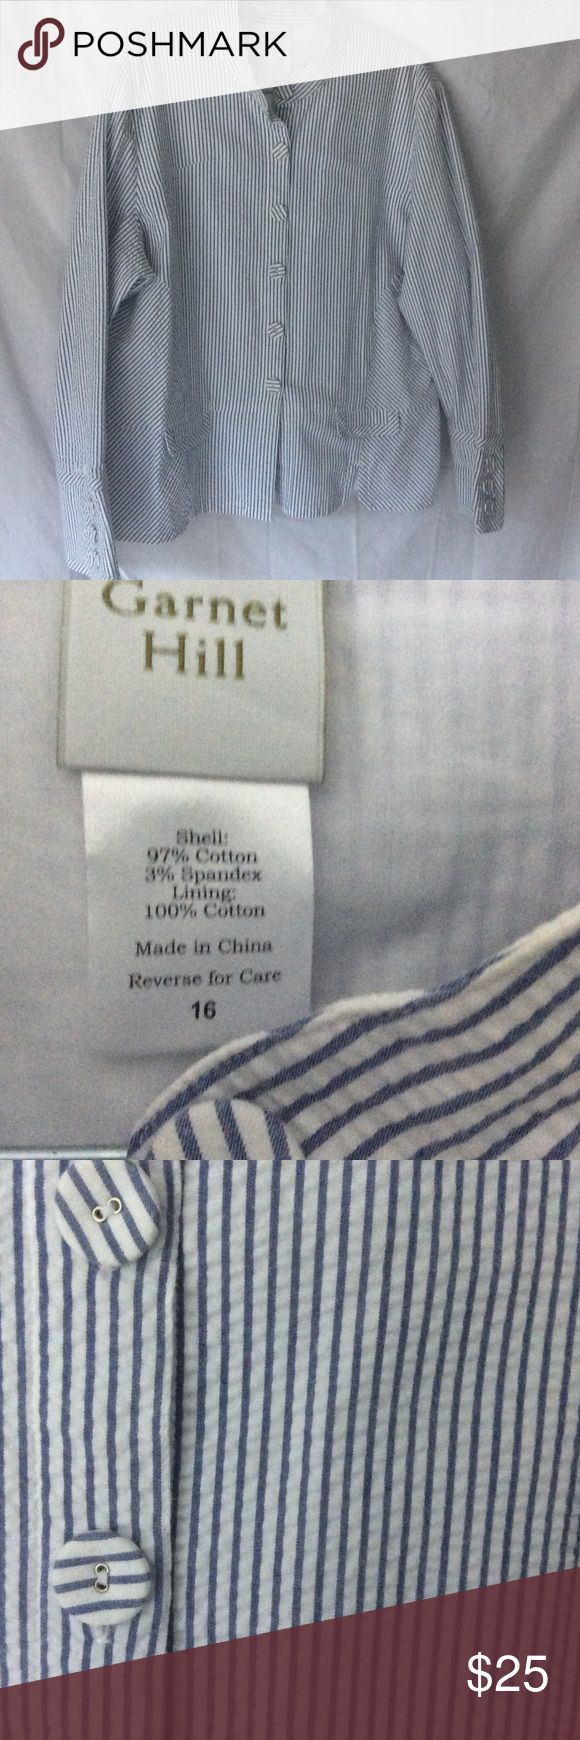 Garnet Hill seersucker blazer size 16 LN White and blue pinstriped seersucker blazer. Like new. Garnet Hill slight stretch size 16 garnet hill Jackets & Coats Blazers